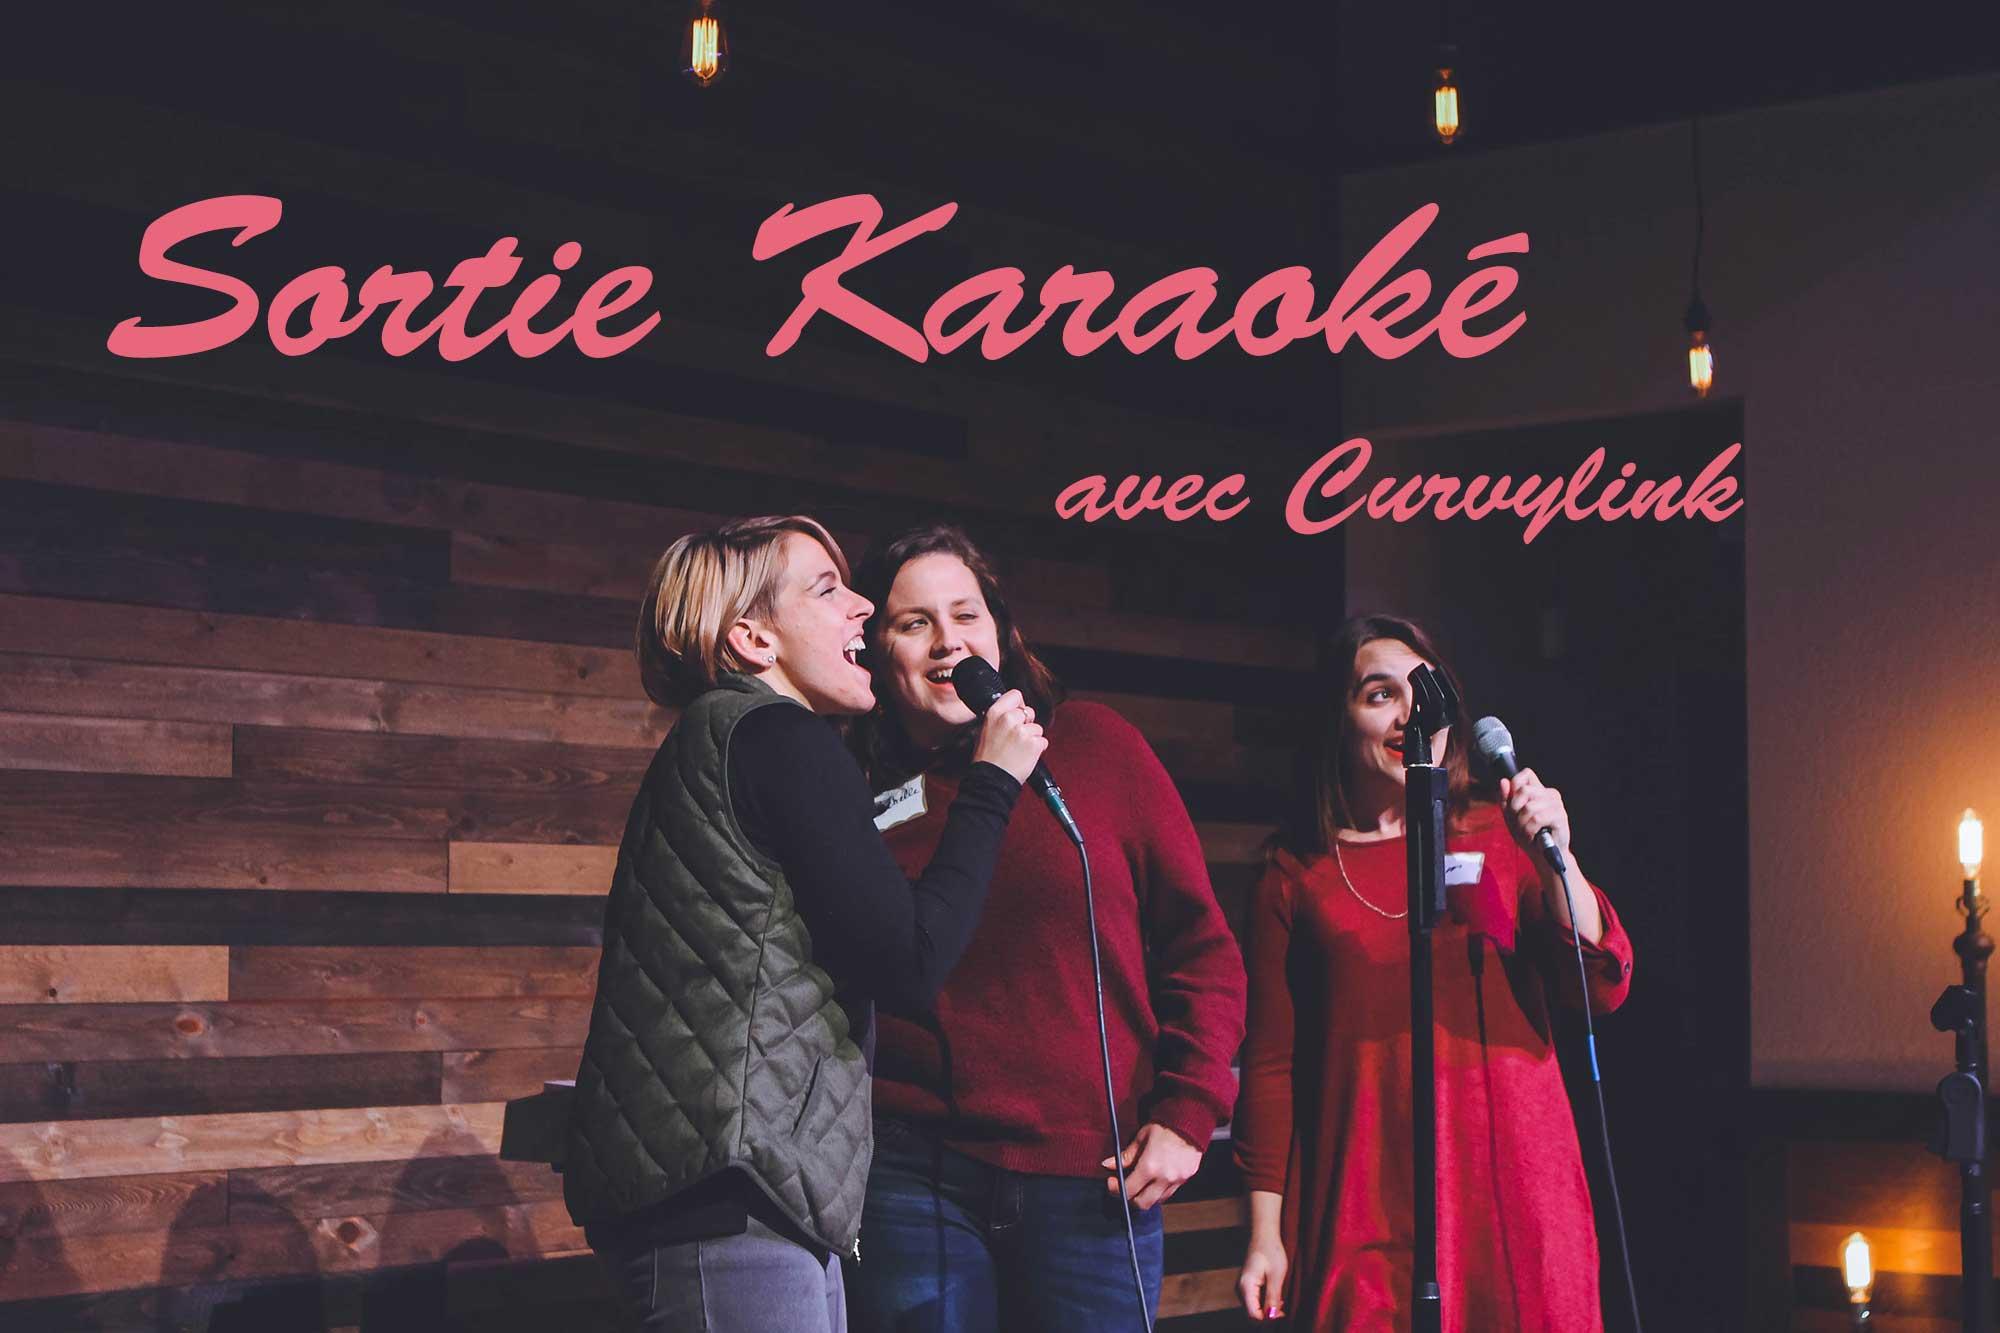 Sortie Karaoké Curvylink : Paris le 21 mars 2020 – Reporté